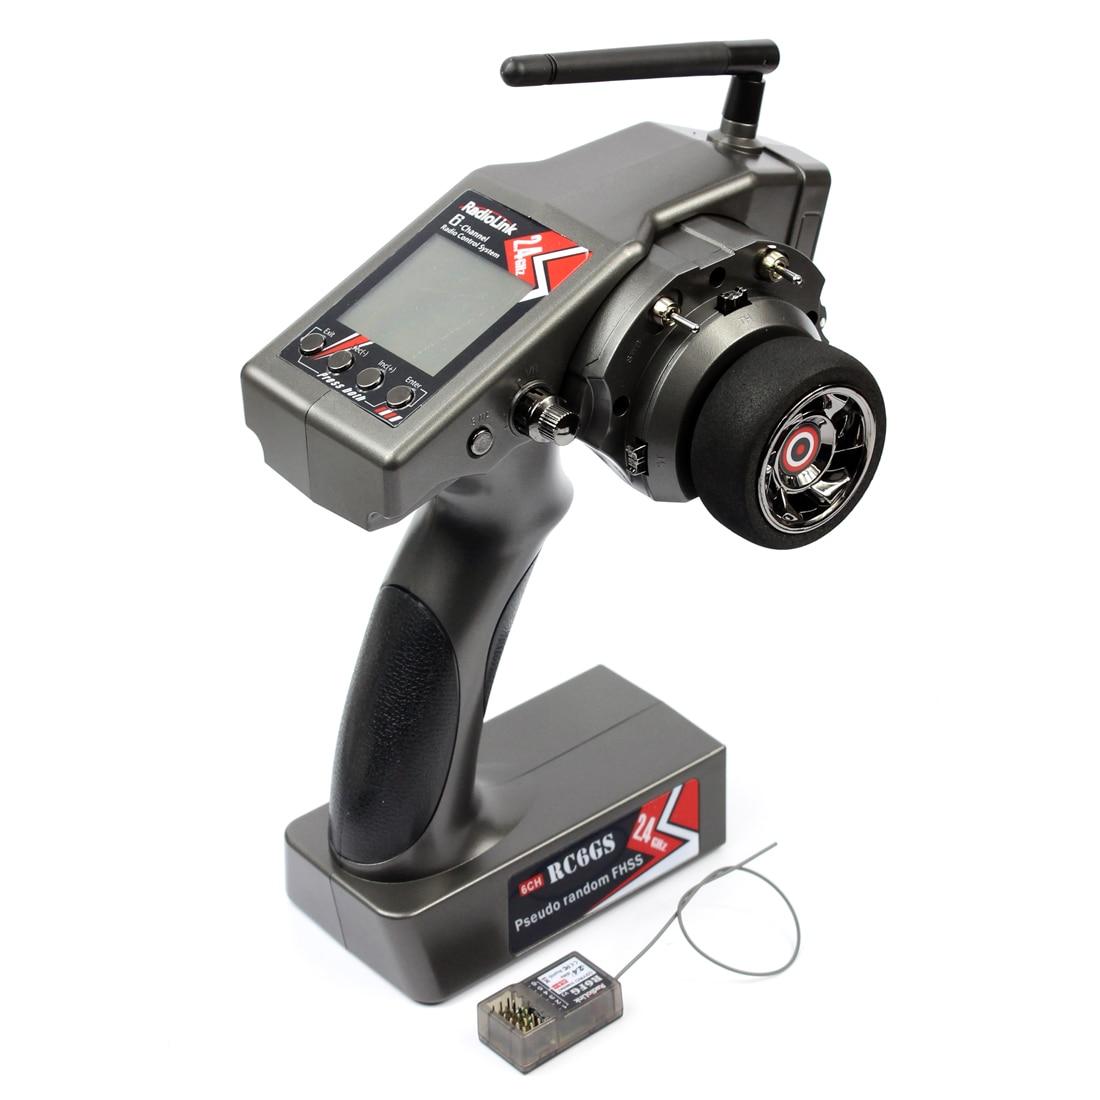 RadioLink RC6GS 2.4G 6CH Zender + R6FG Gyro Binnen Ontvanger RX voor Rc Racing Auto Afstandsbediening voor RC boot 400m Afstand-in Onderdelen & accessoires van Speelgoed & Hobbies op  Groep 1